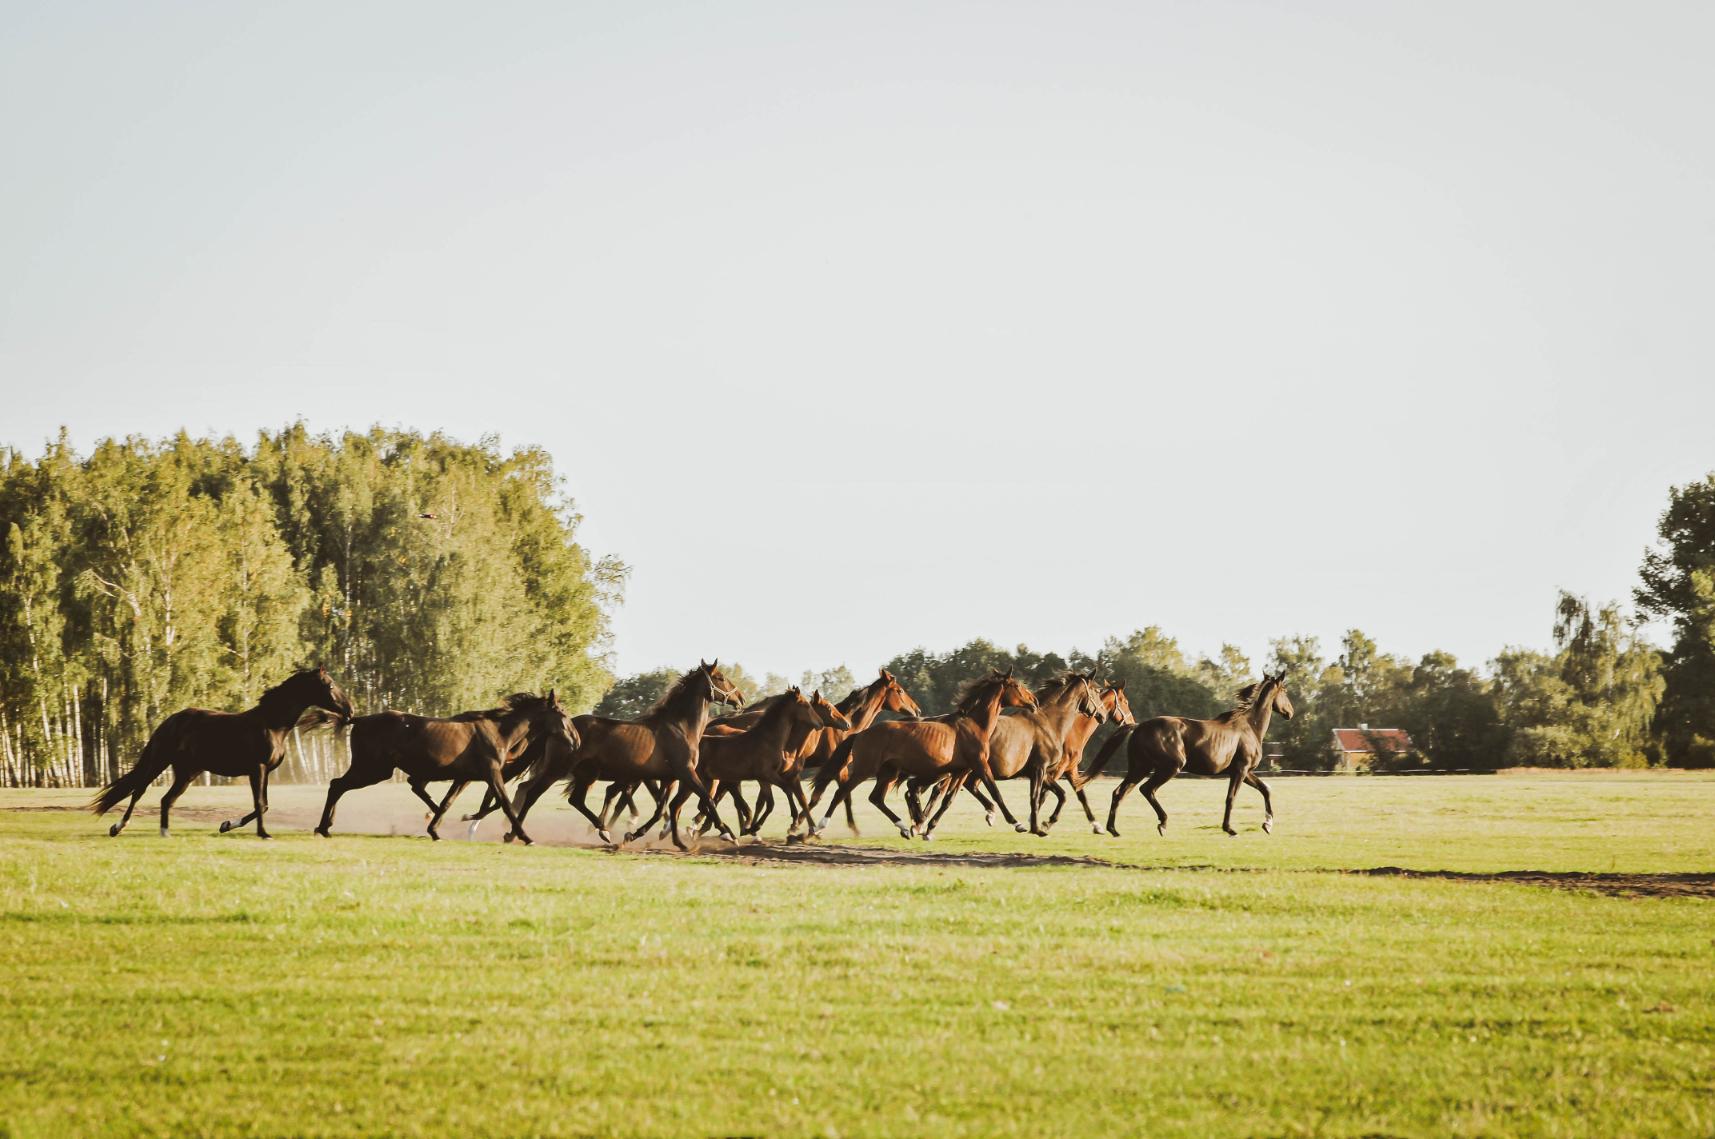 Žirgams skirti visi 25 hektarai ploto – praktiškai po vieną hektarą kiekvienam žirgui.